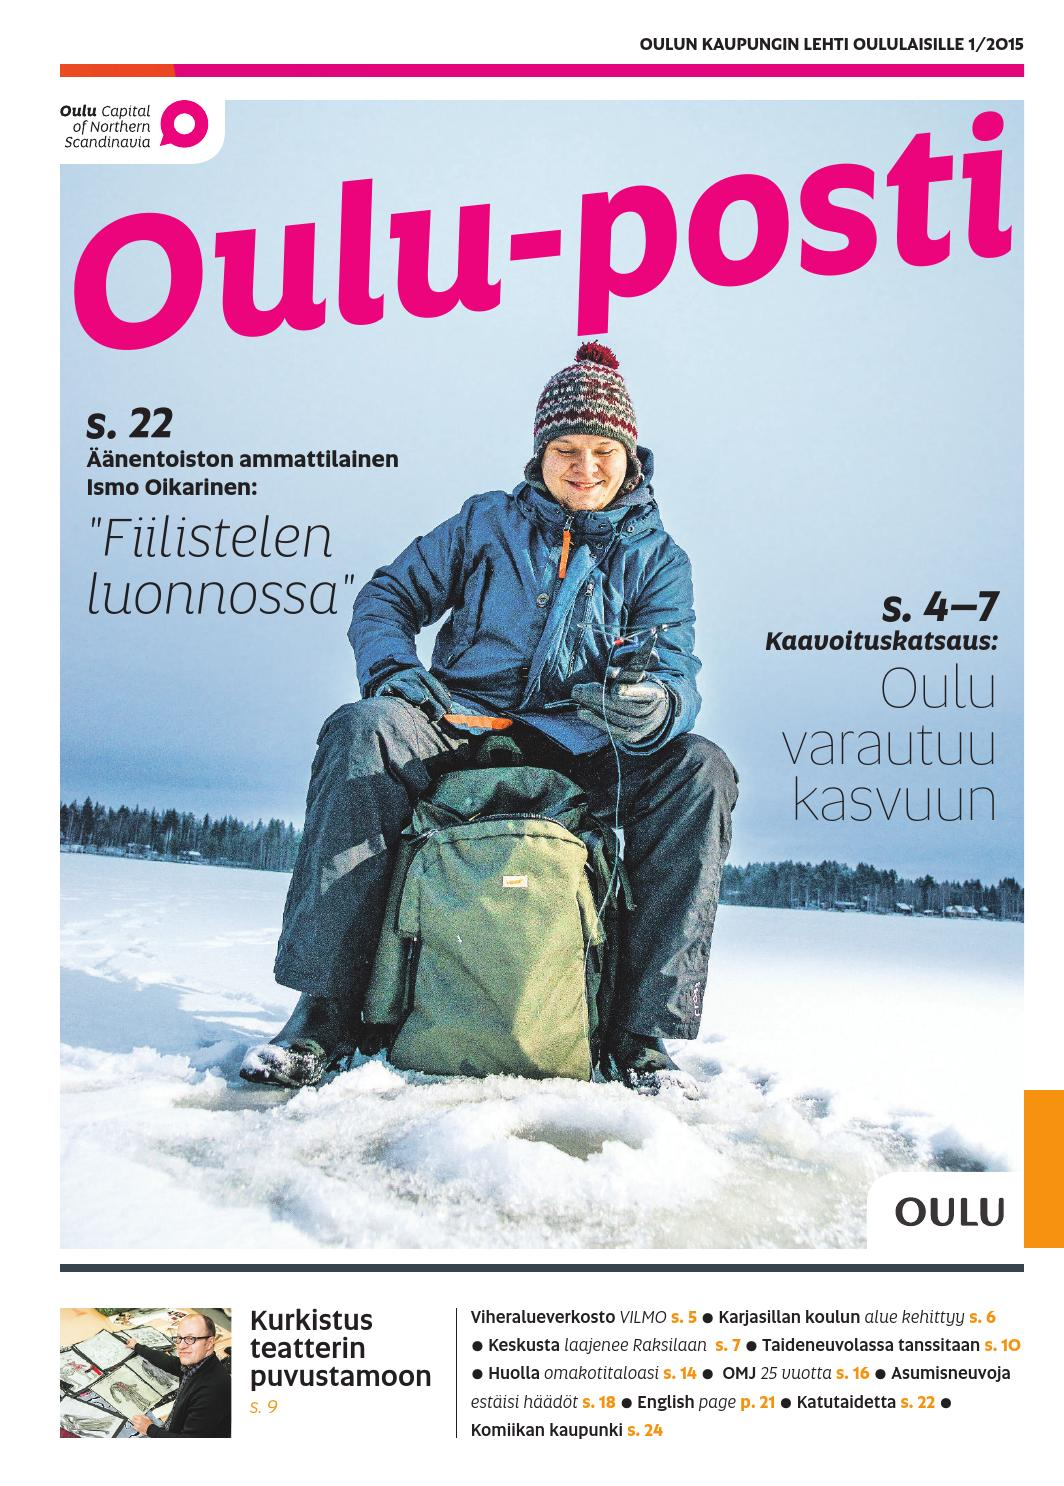 Posti Oulu Keskusta